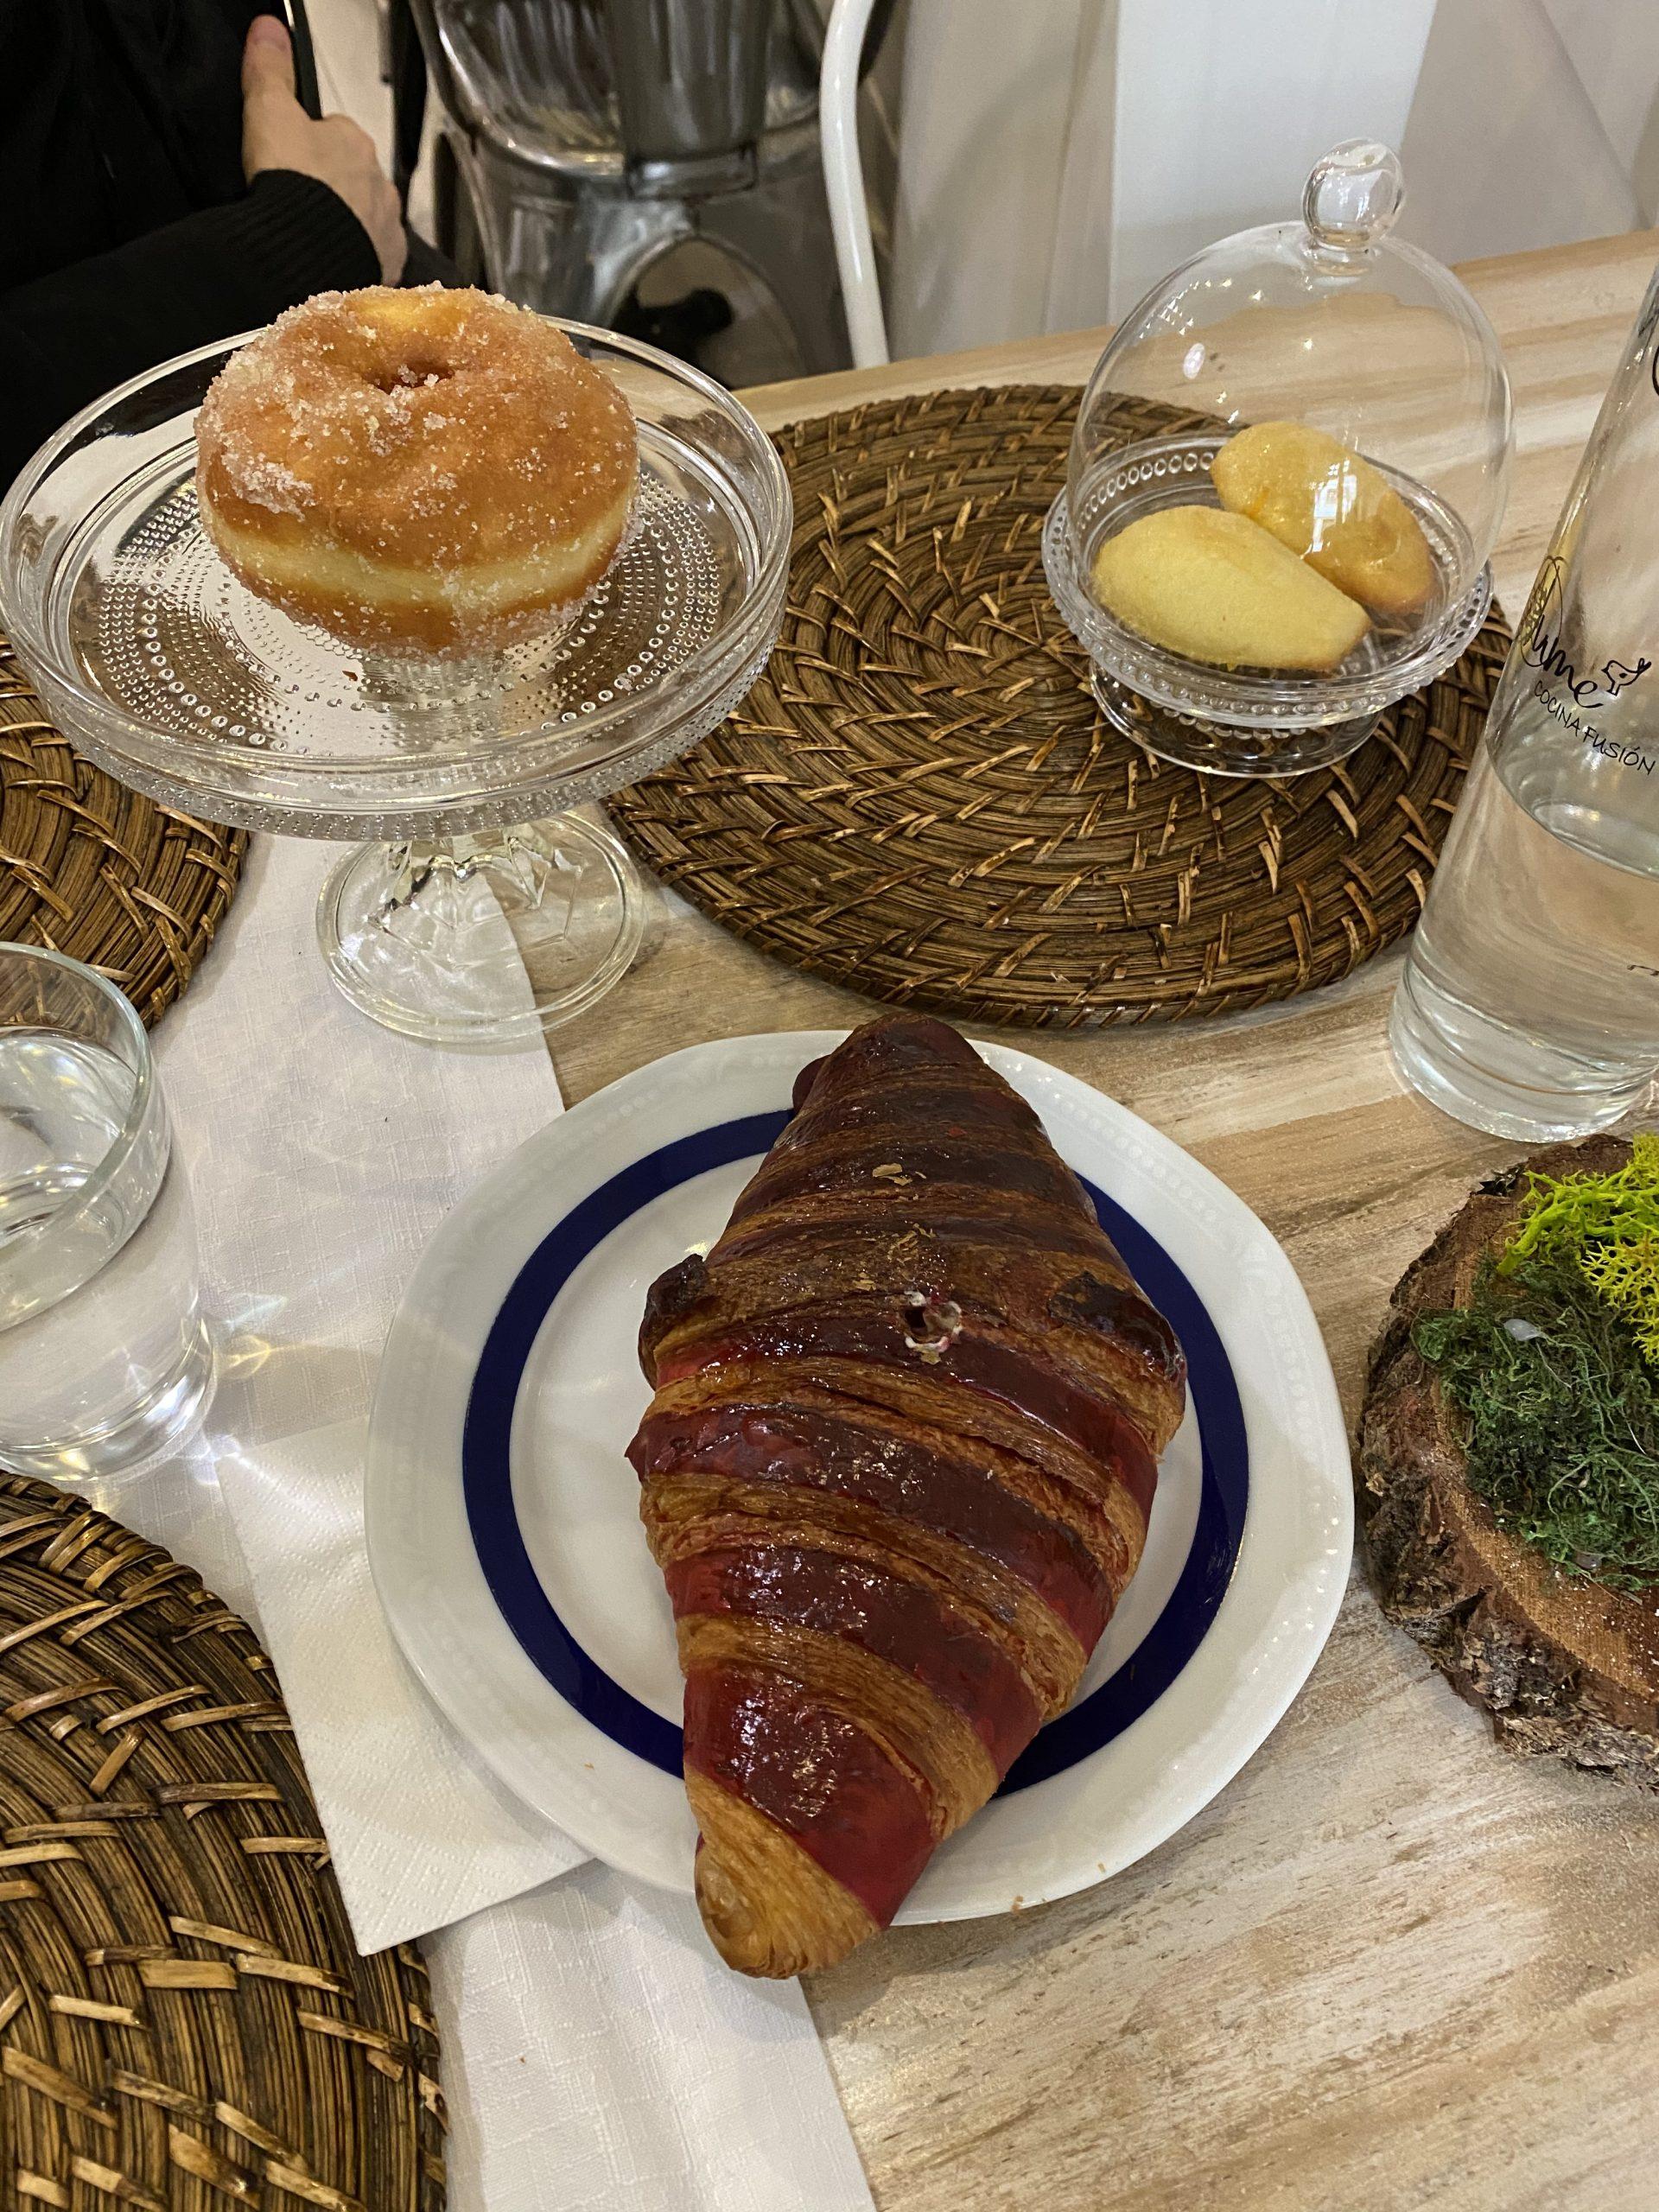 Croissant de frambuesa y mascarpone y berlina.